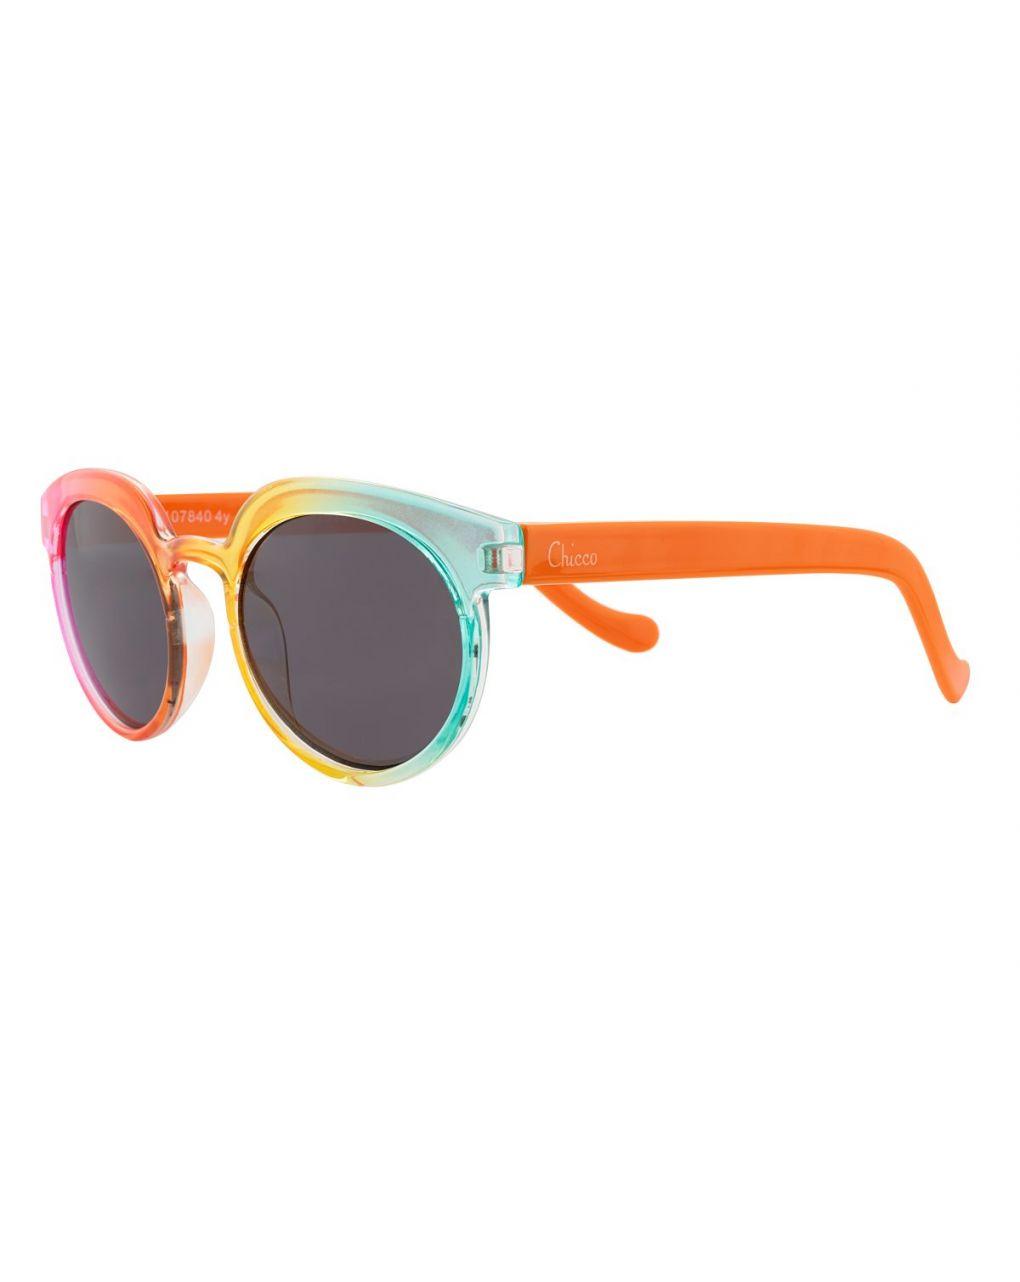 Chicco occhiali da sole 4 anni bimba - Chicco